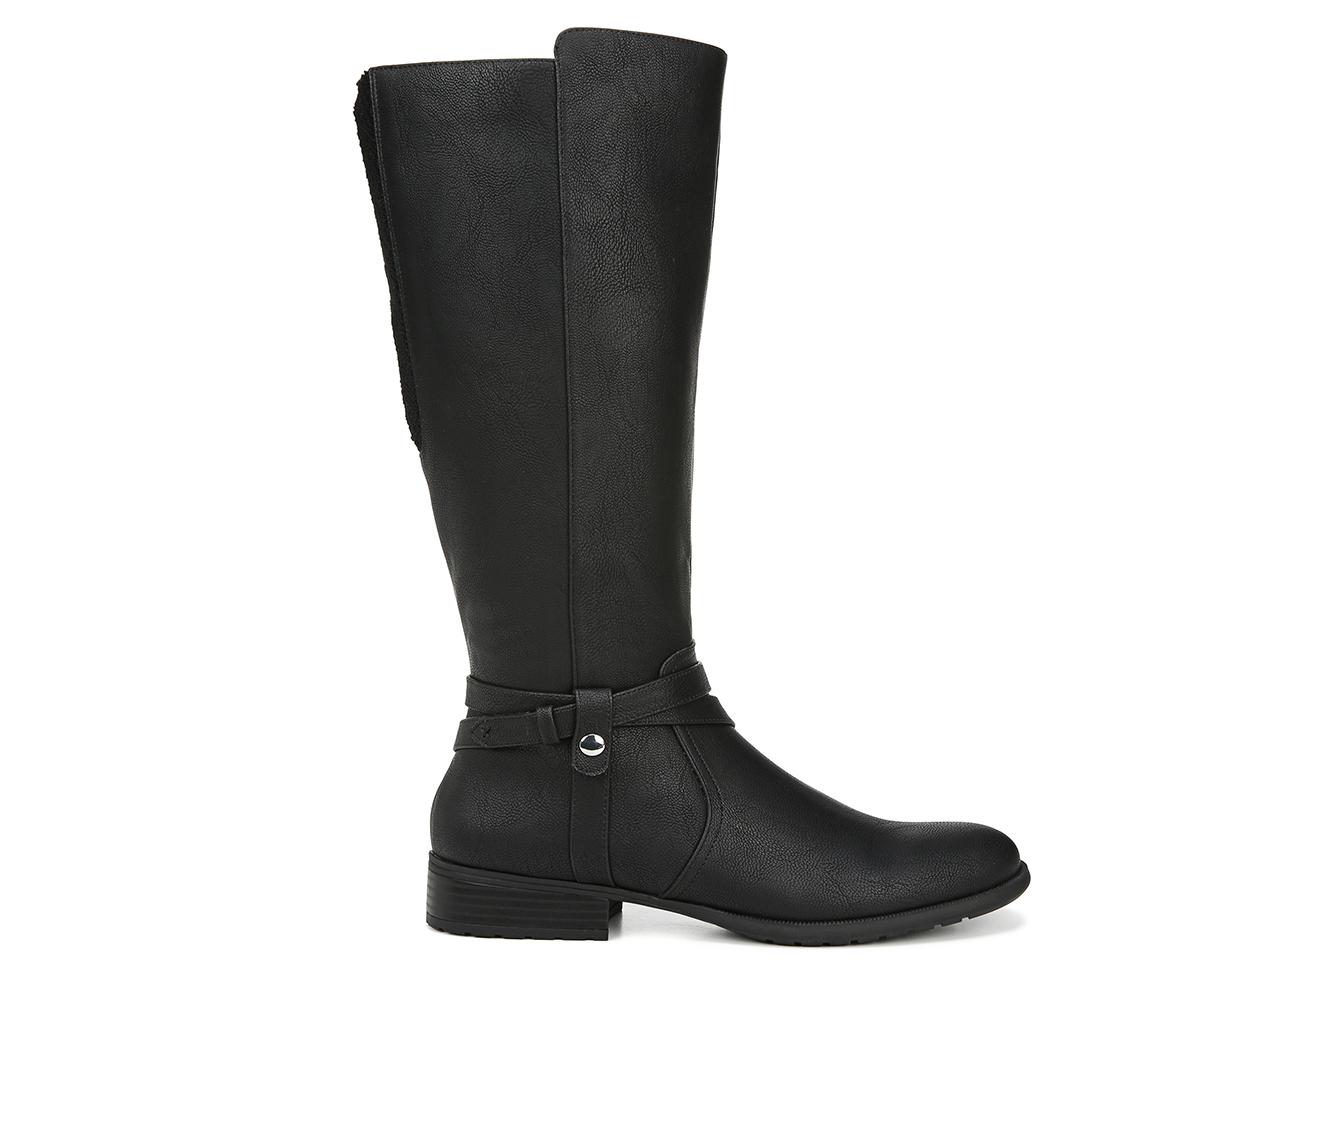 LifeStride Xtrovert Women's Boots (Black - Faux Leather)